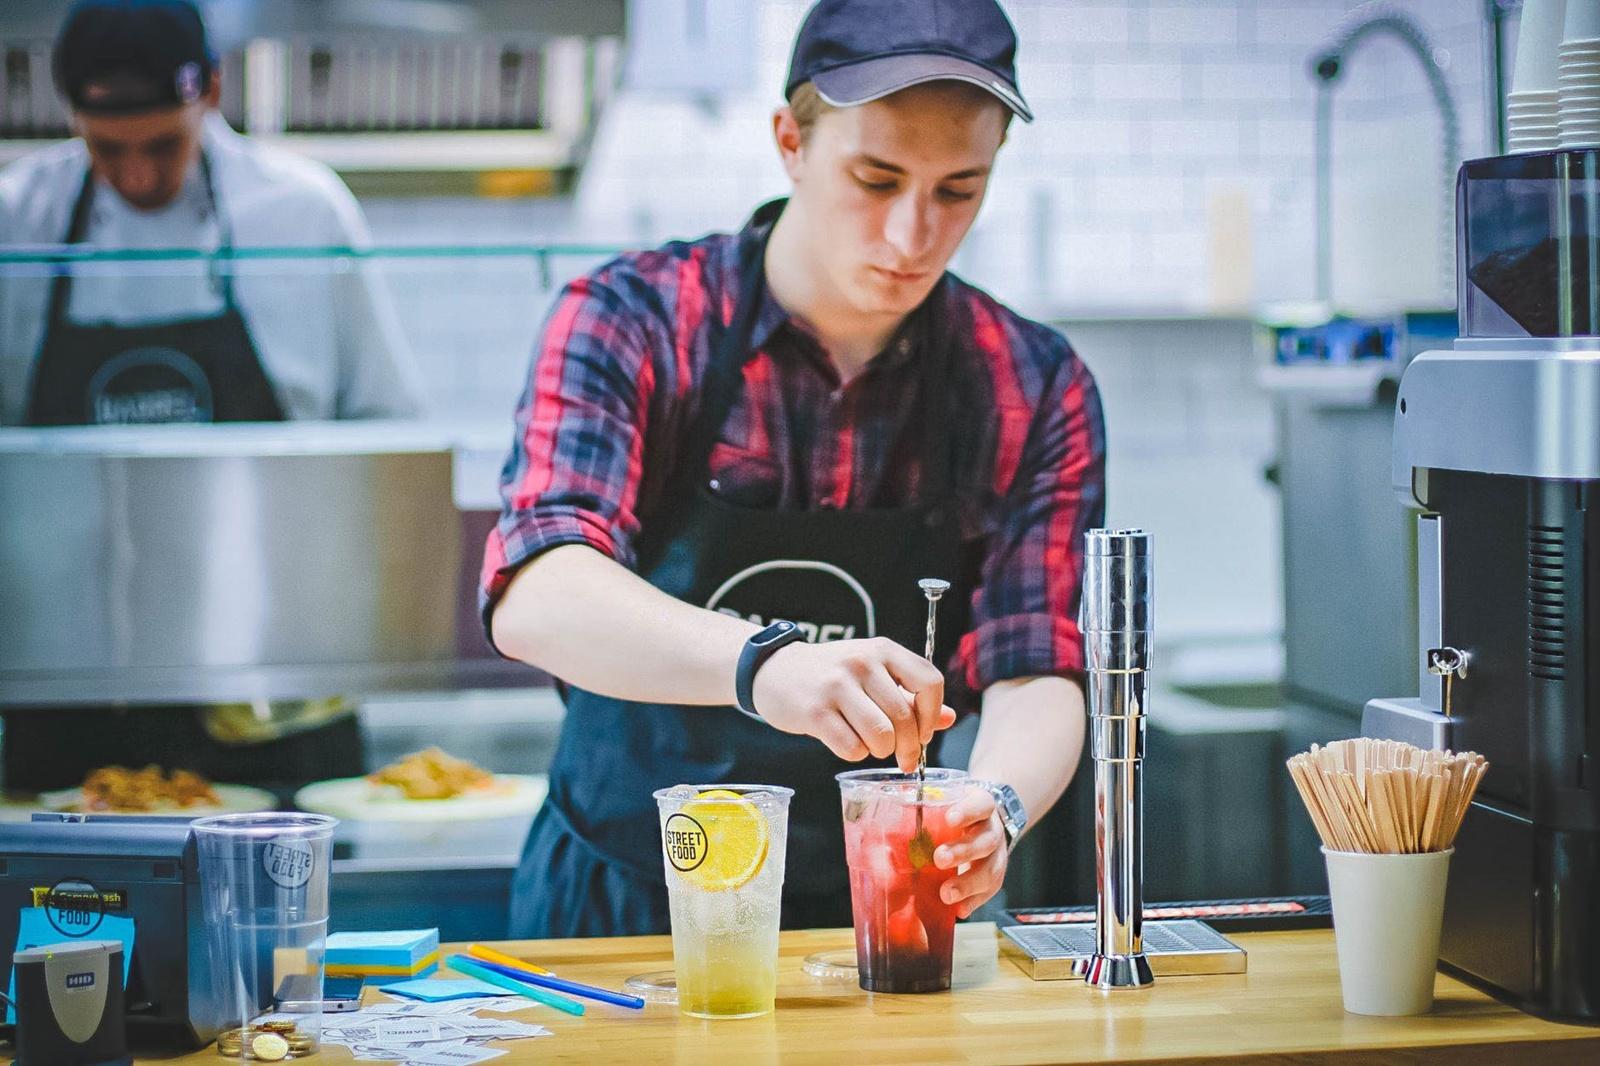 Lietuvoje dirba trečdalis jaunimo: darbdaviai jau laukia sugrįžtančių studentų